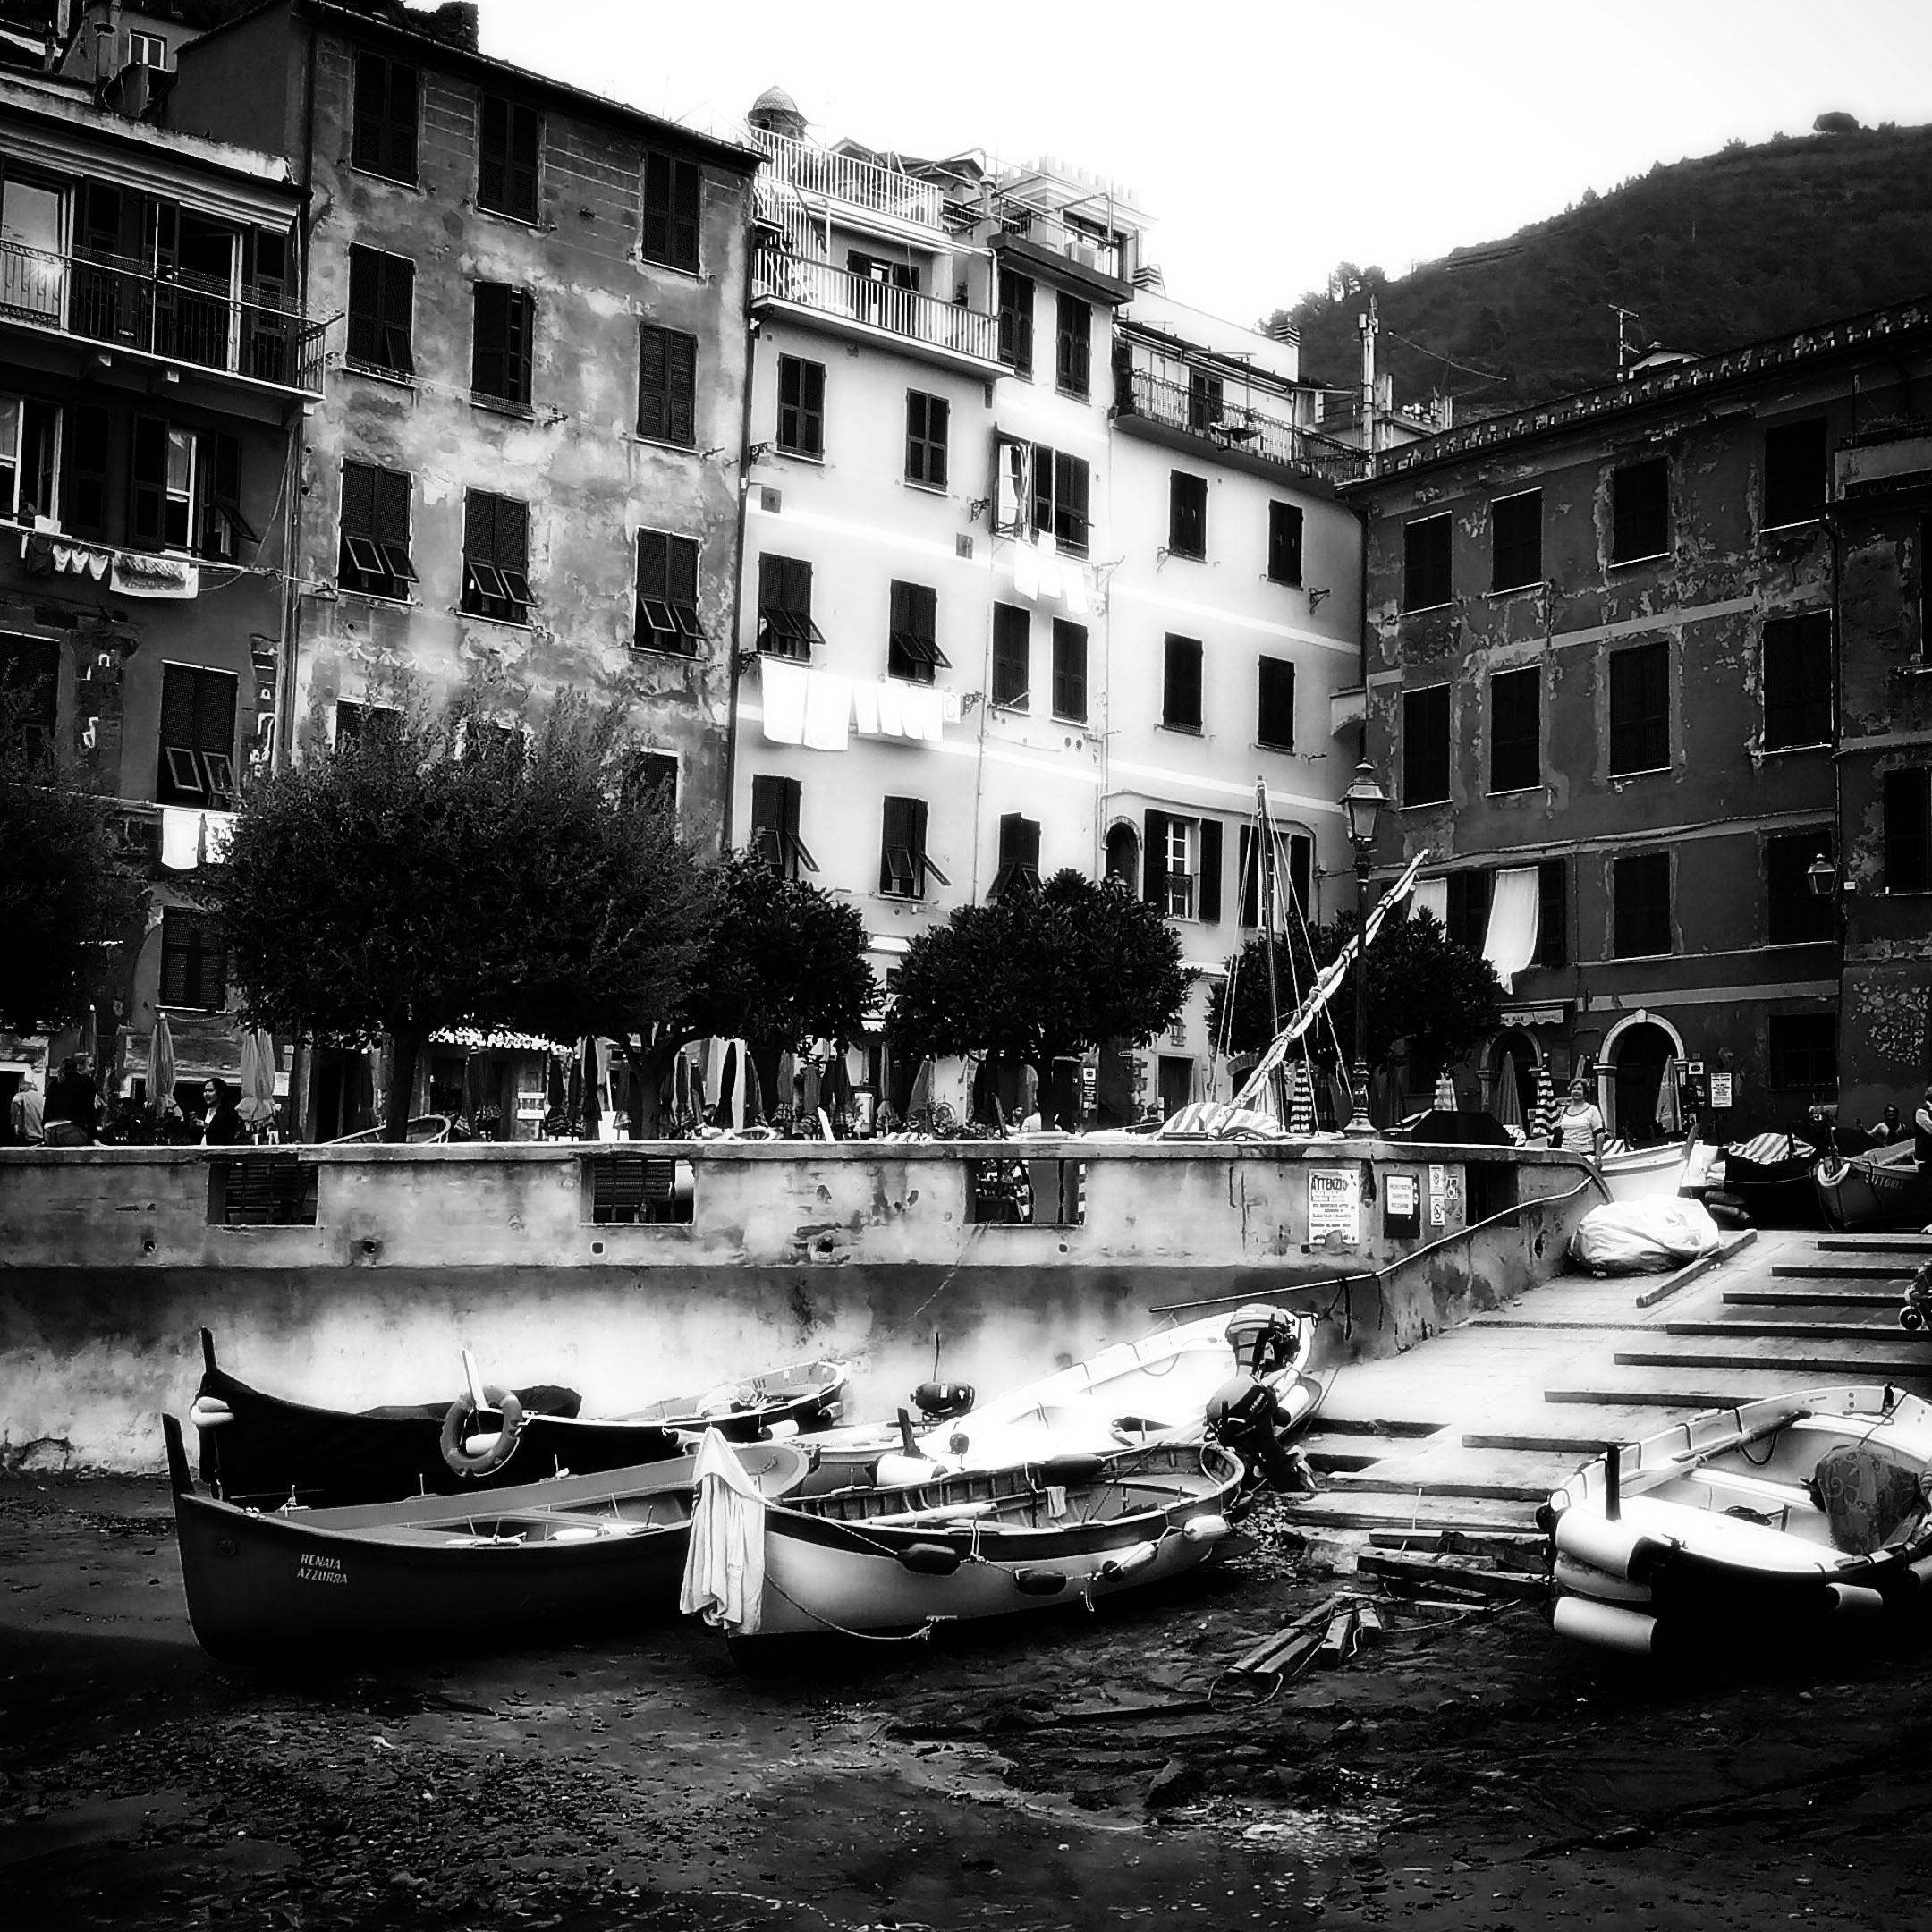 Ashore in Vernazza